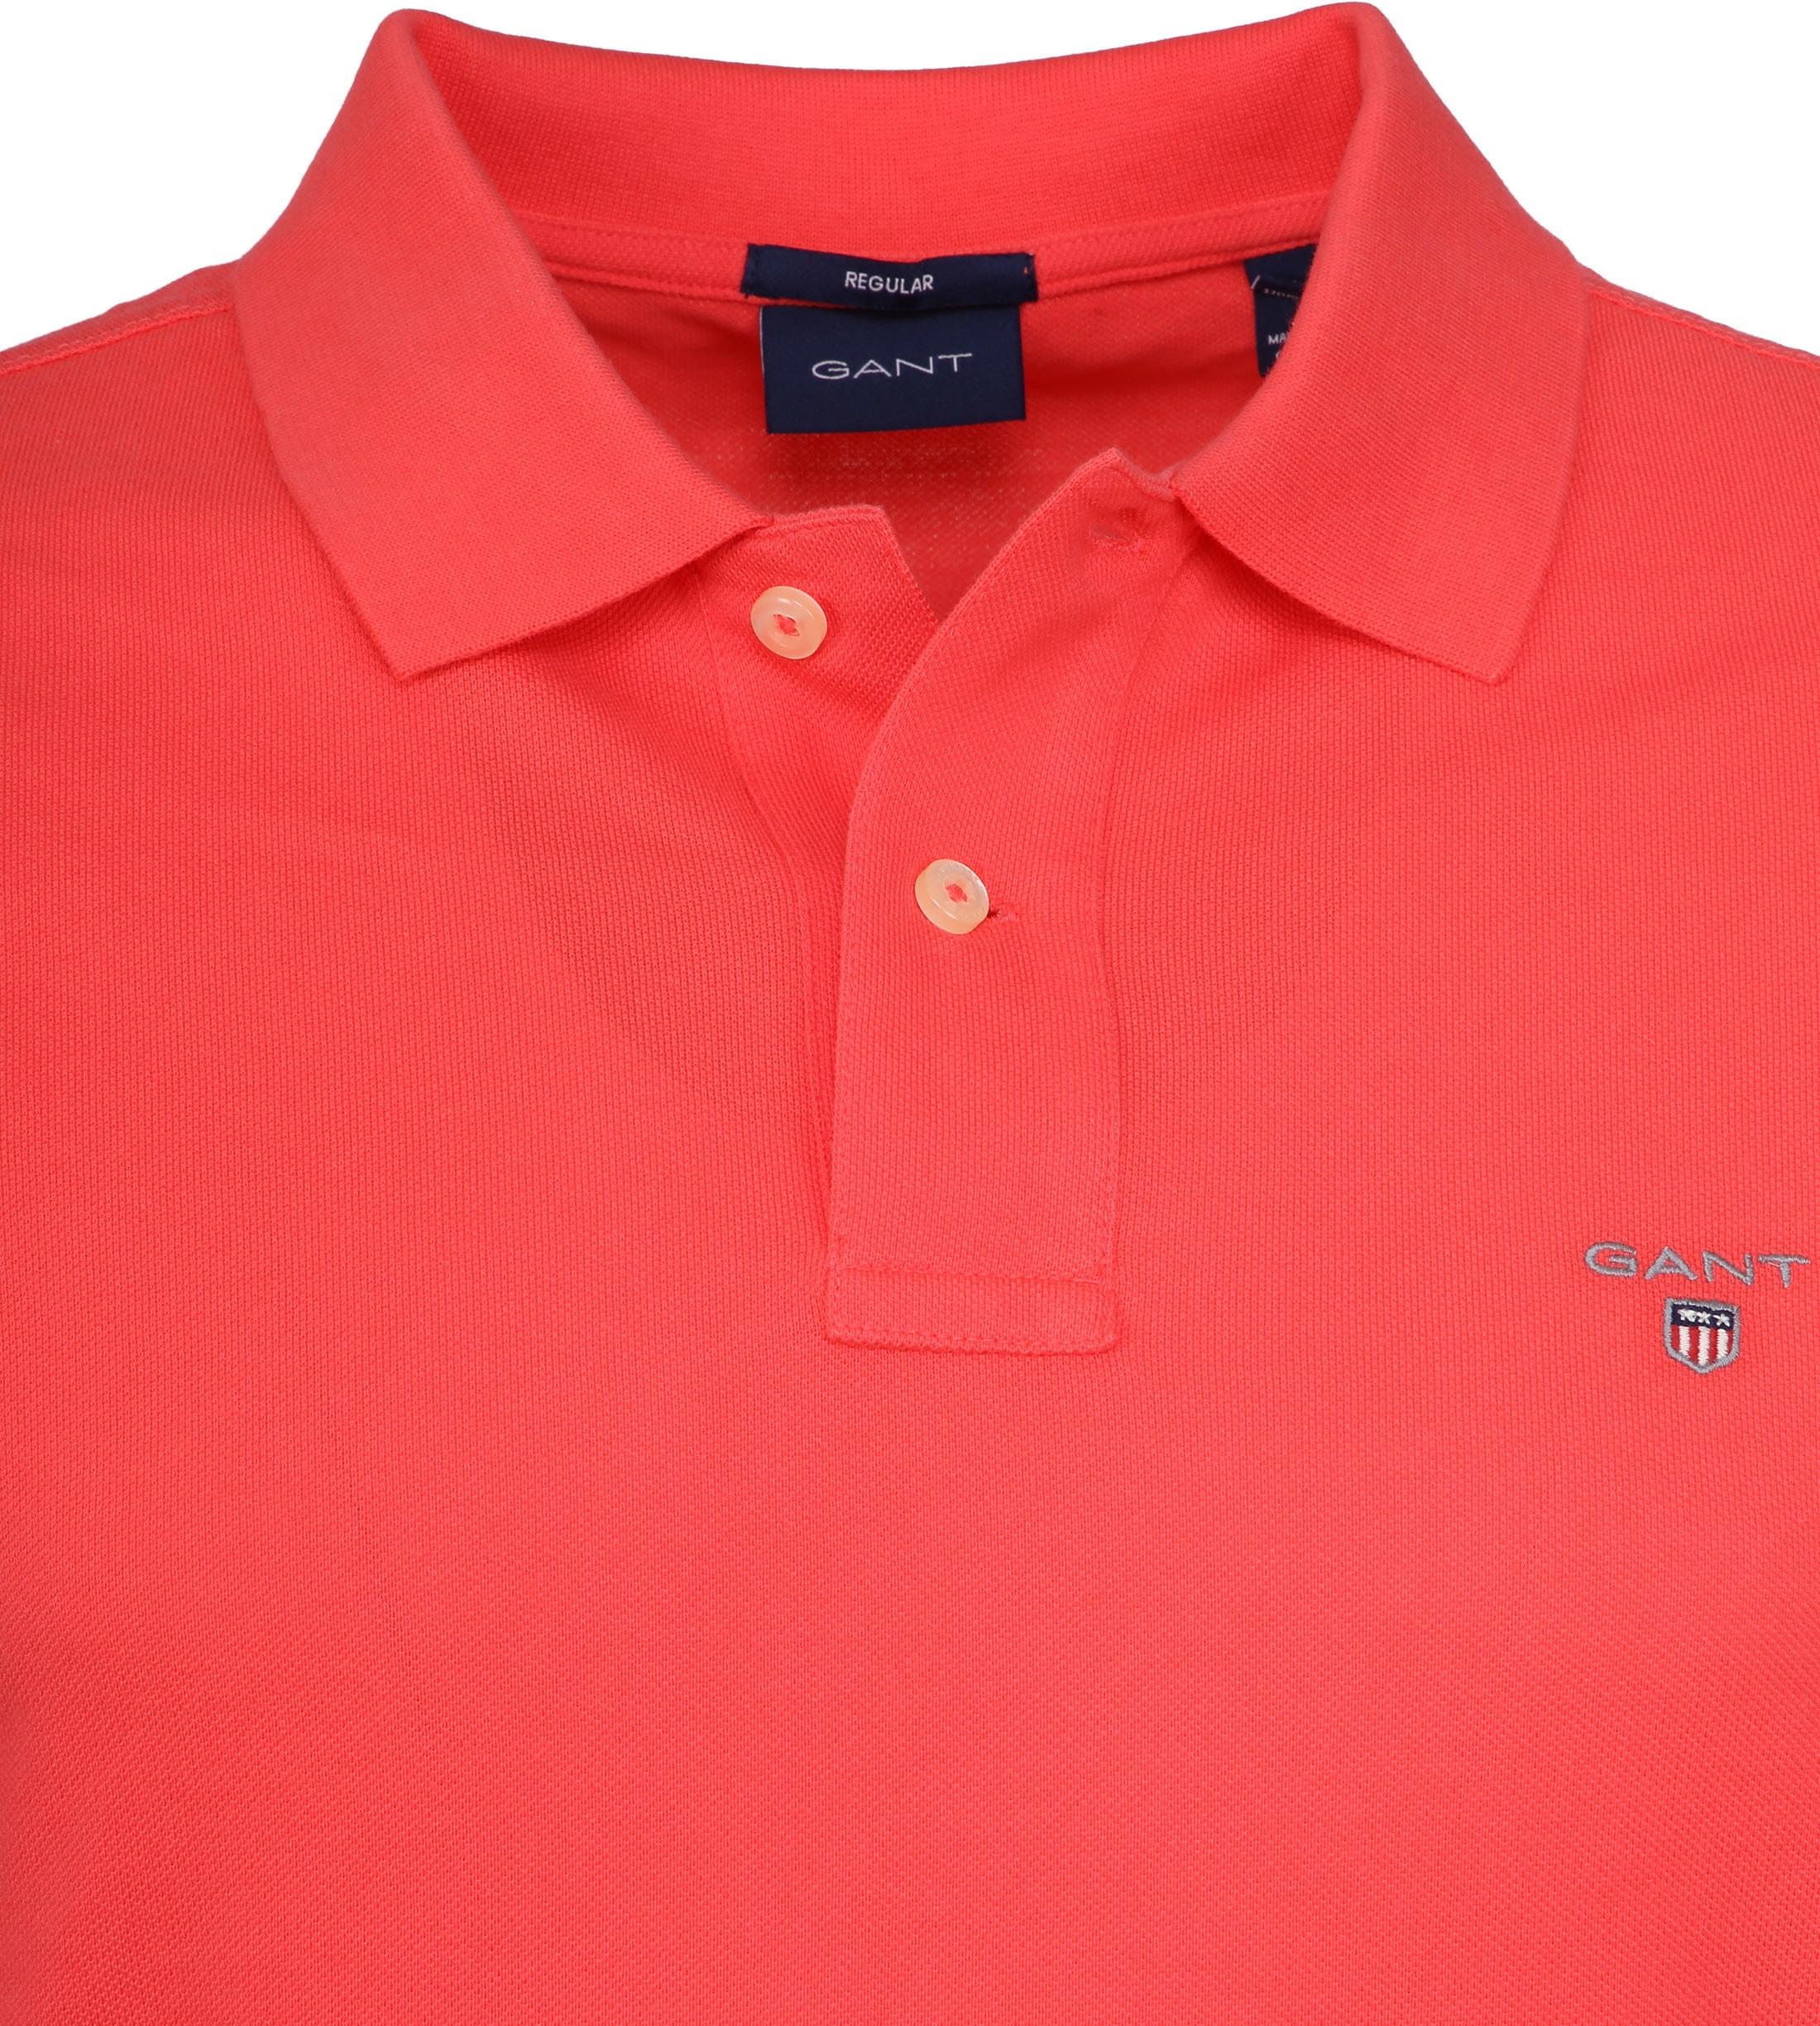 Gant Poloshirt Basic Pink foto 1